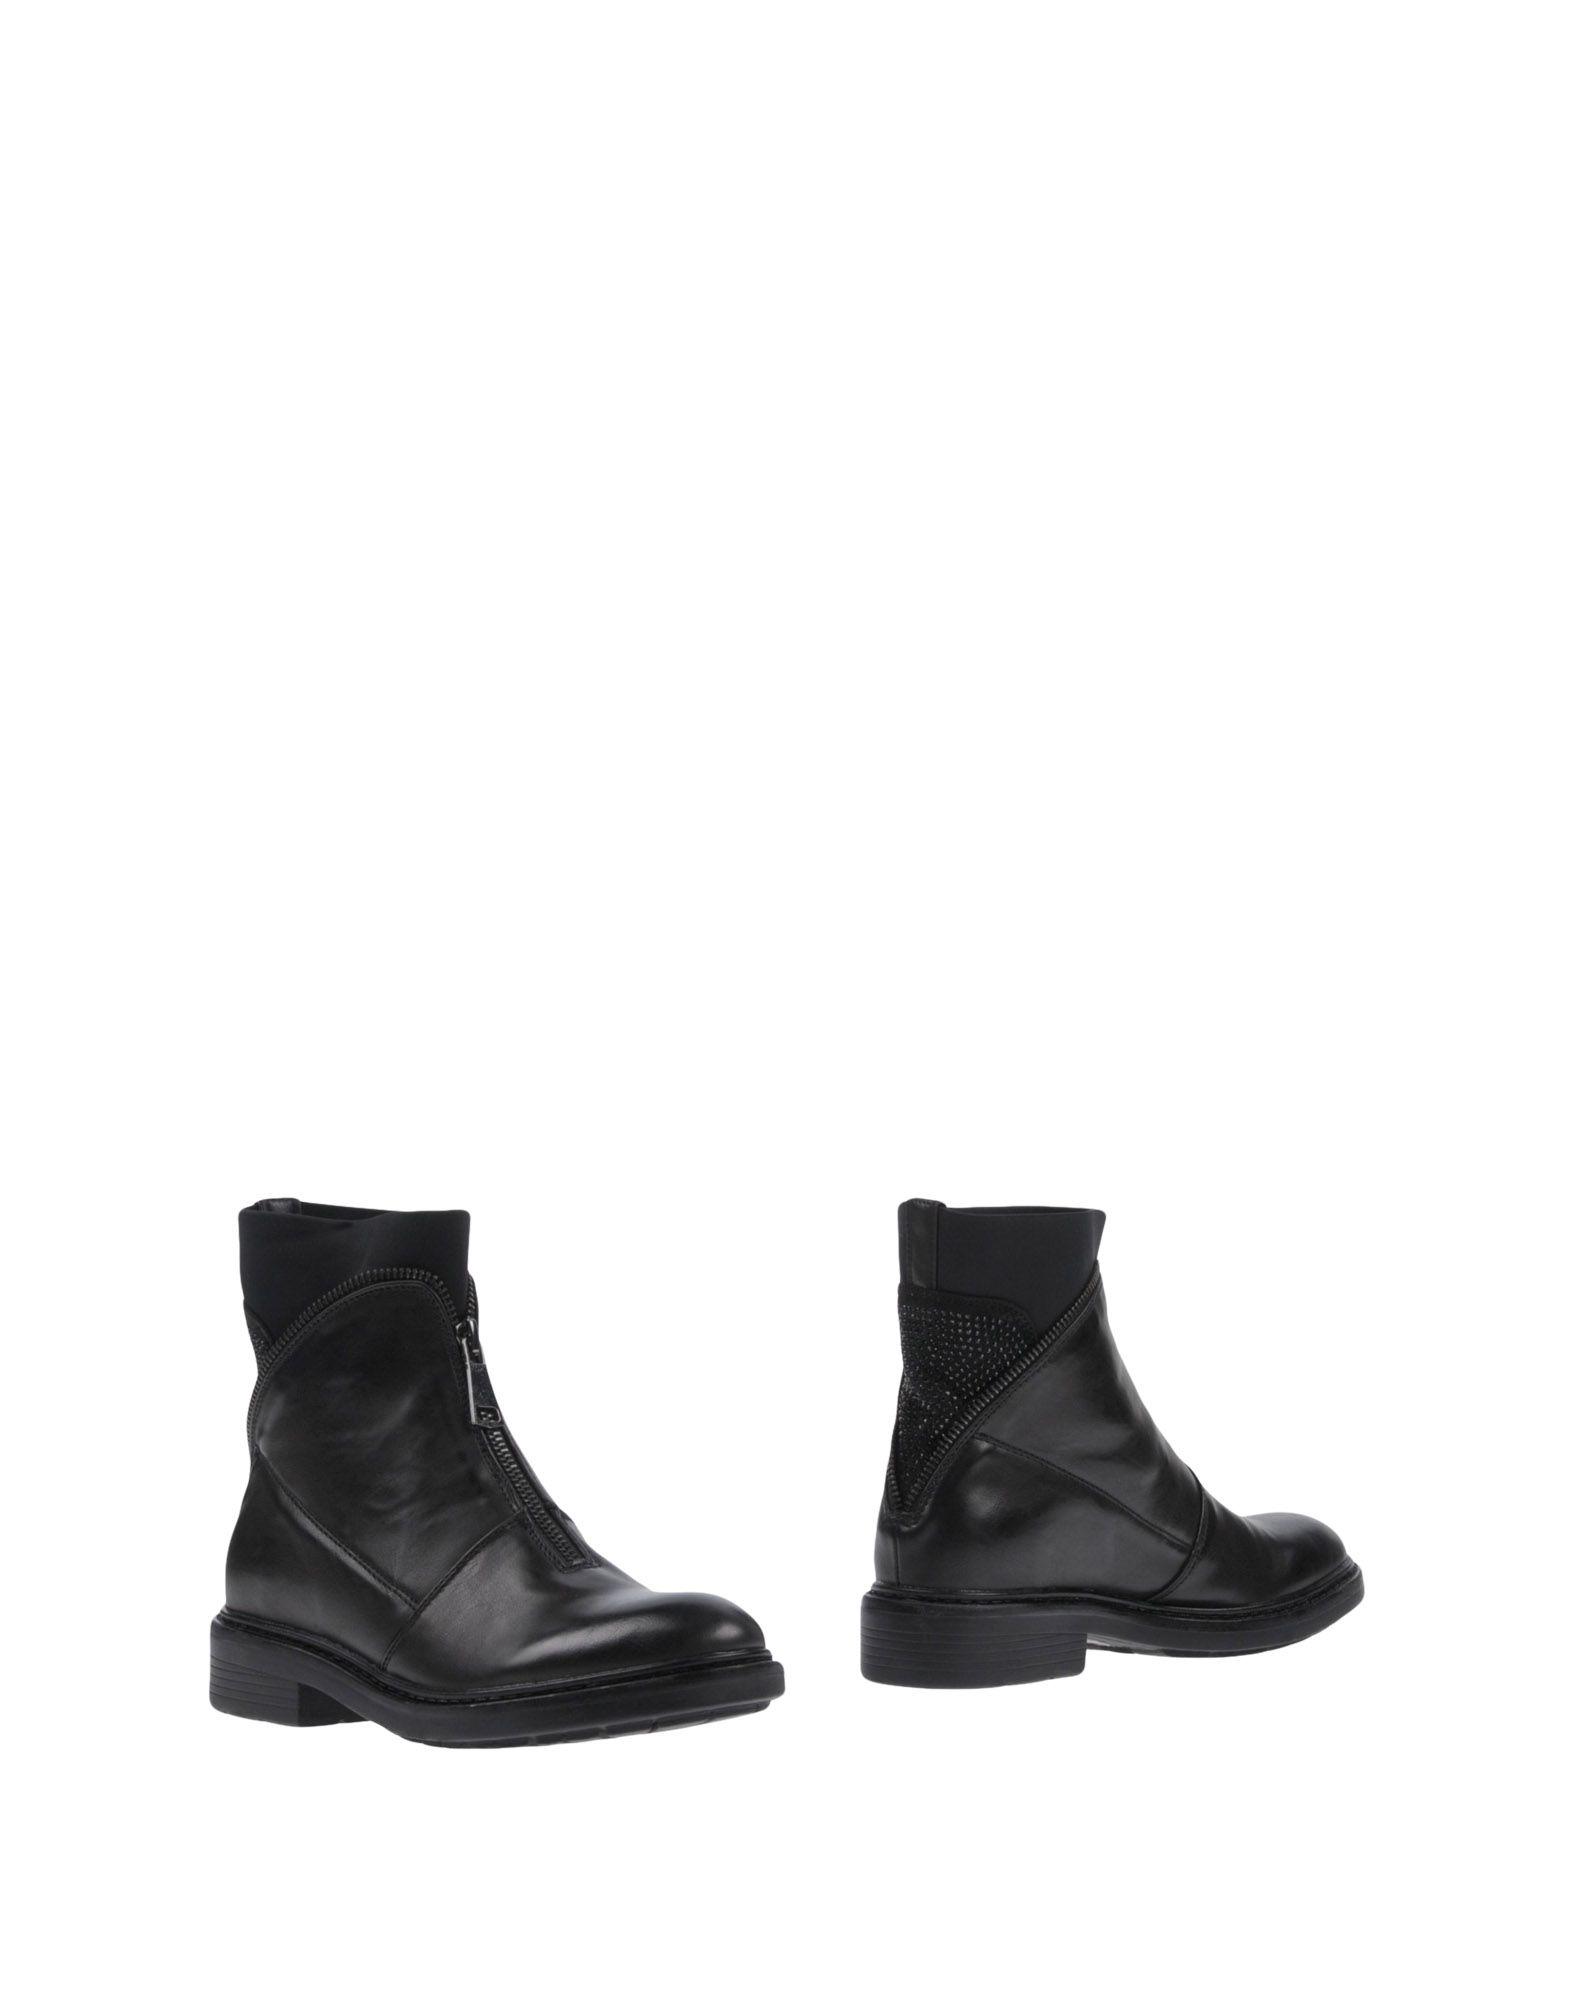 Kharisma Stiefelette Damen  11455255NR Gute Qualität beliebte Schuhe